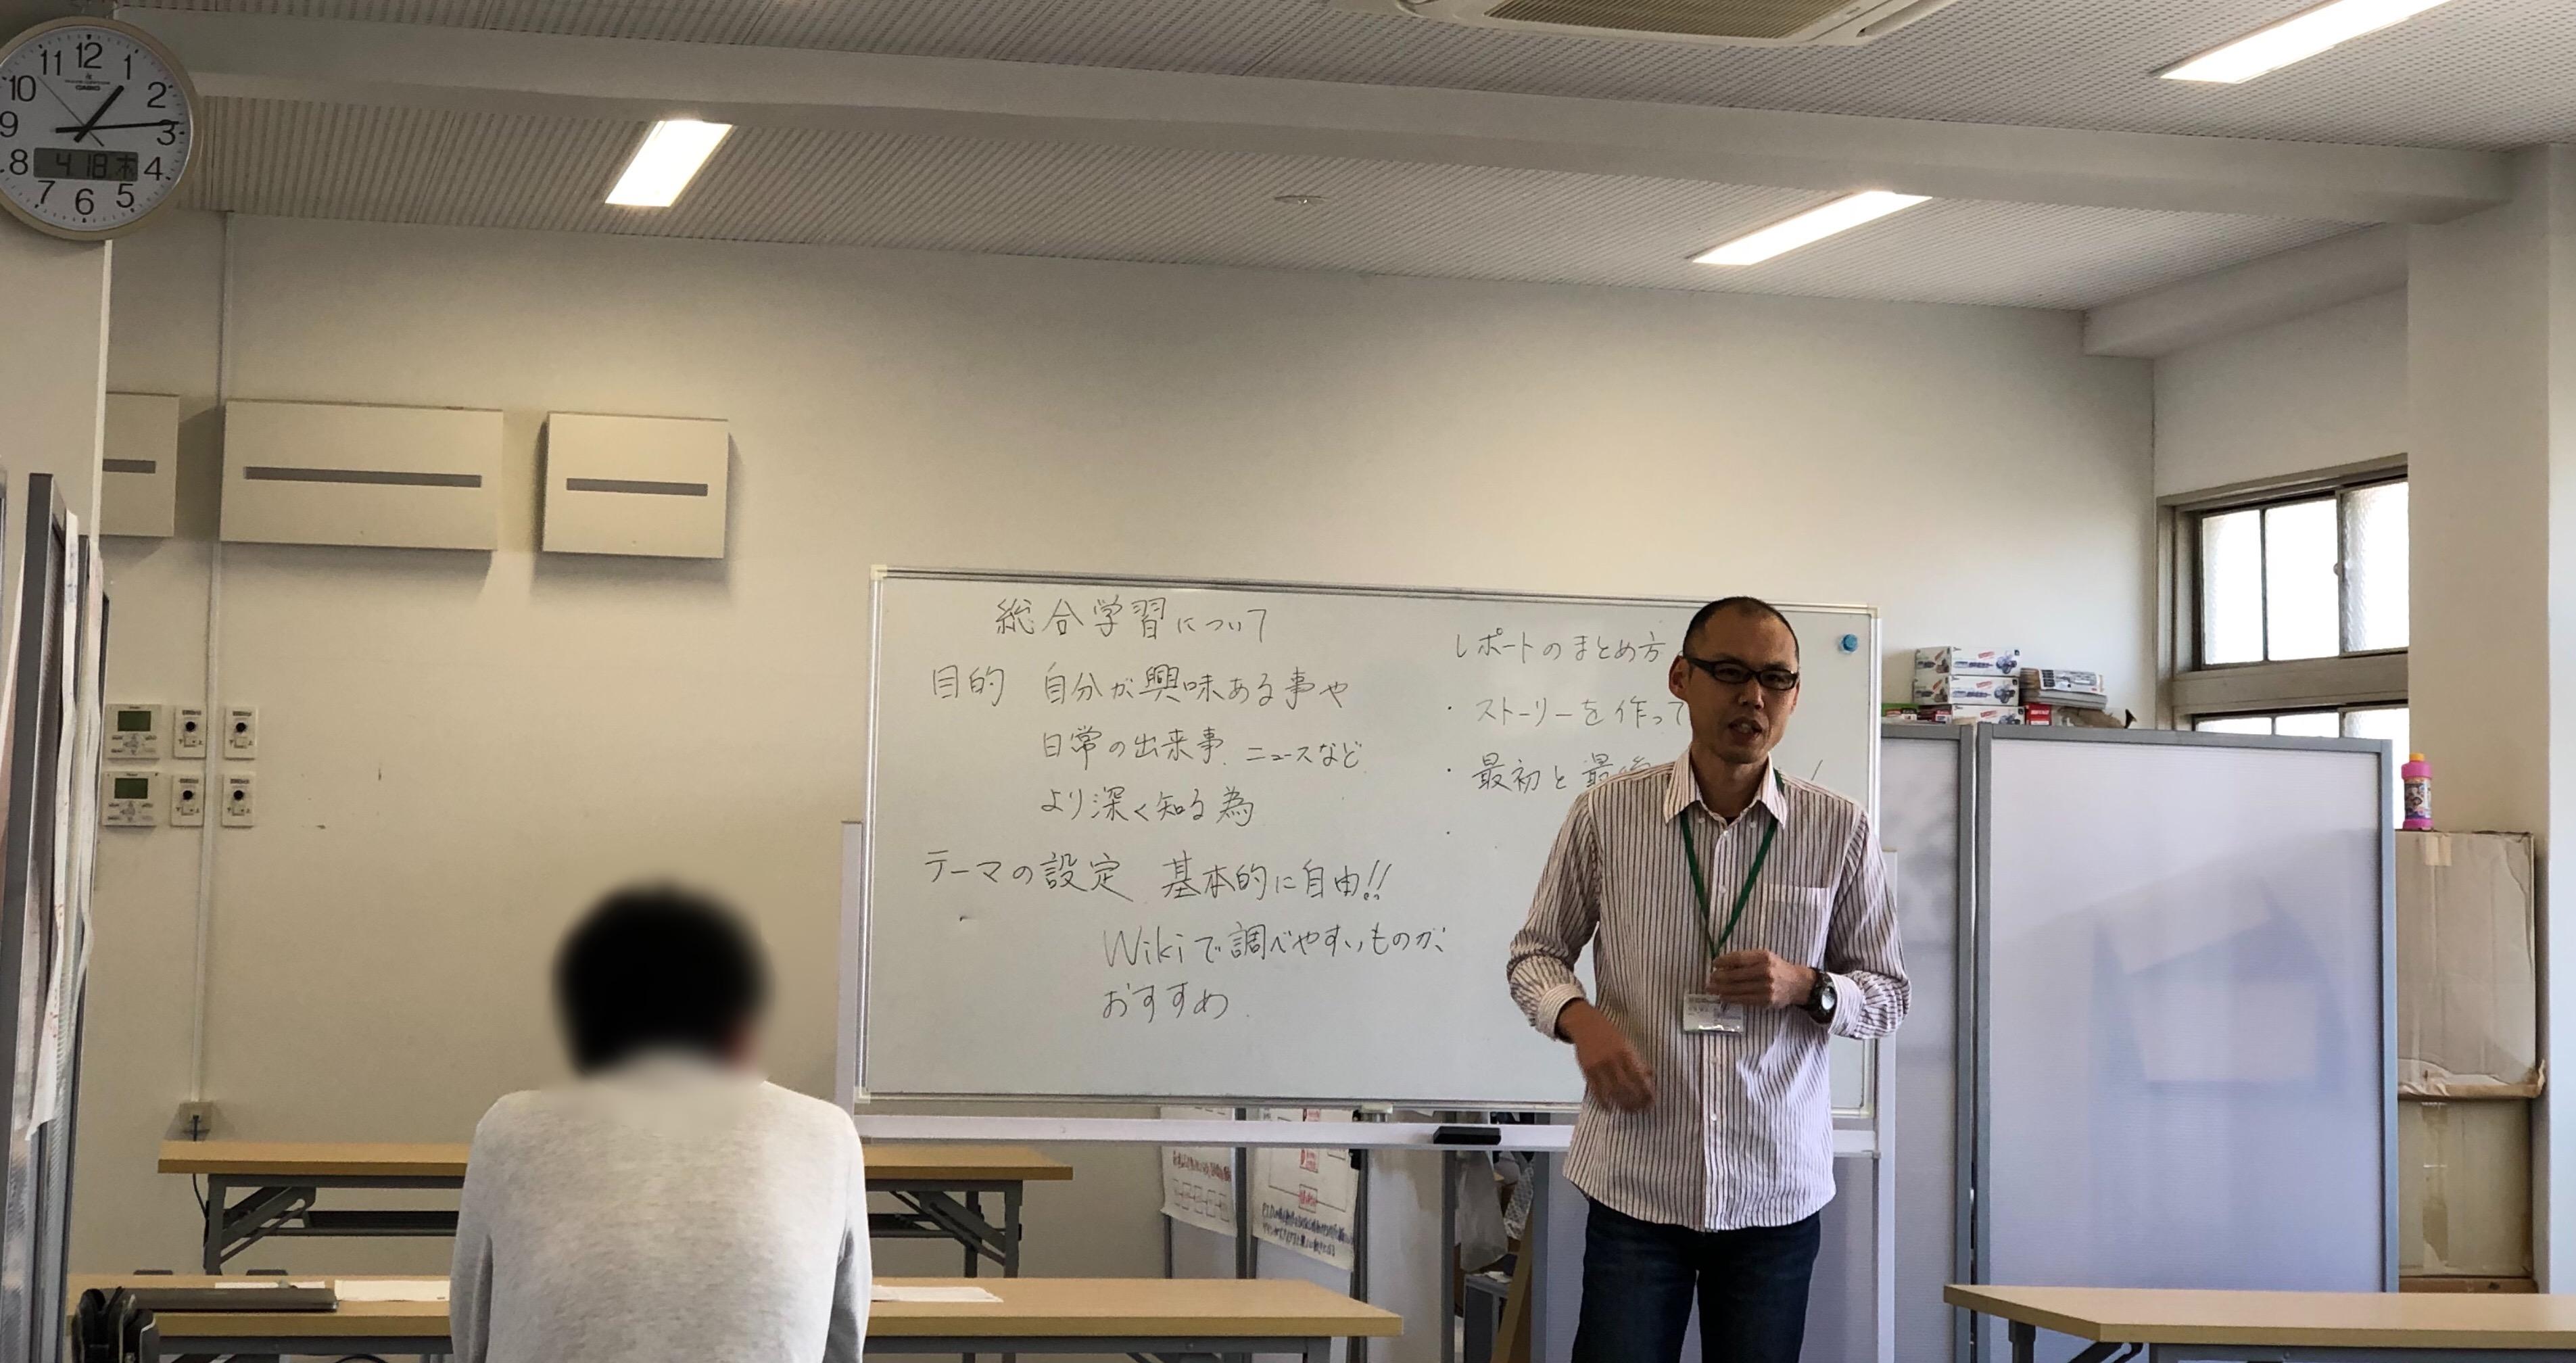 【福山】コミュニケーション講座